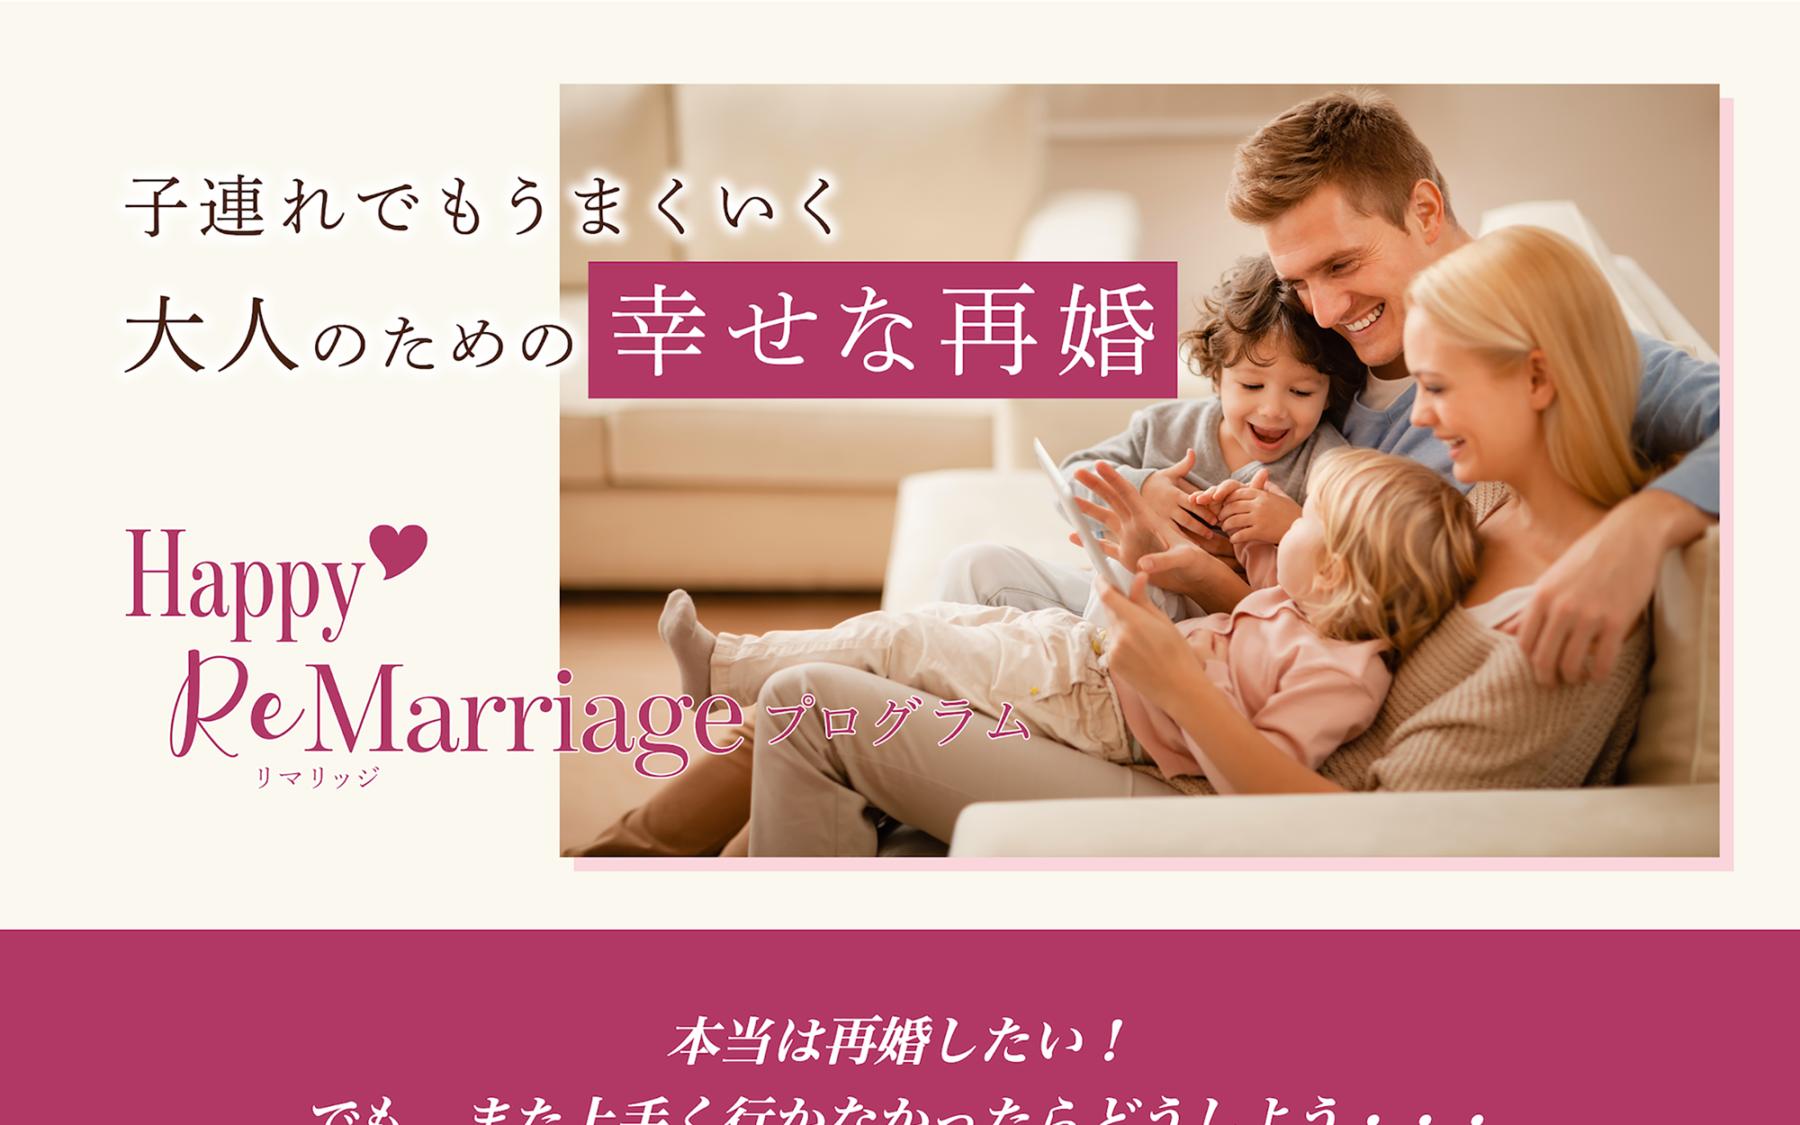 lp-gracebridal-happy-remarriage-program-2